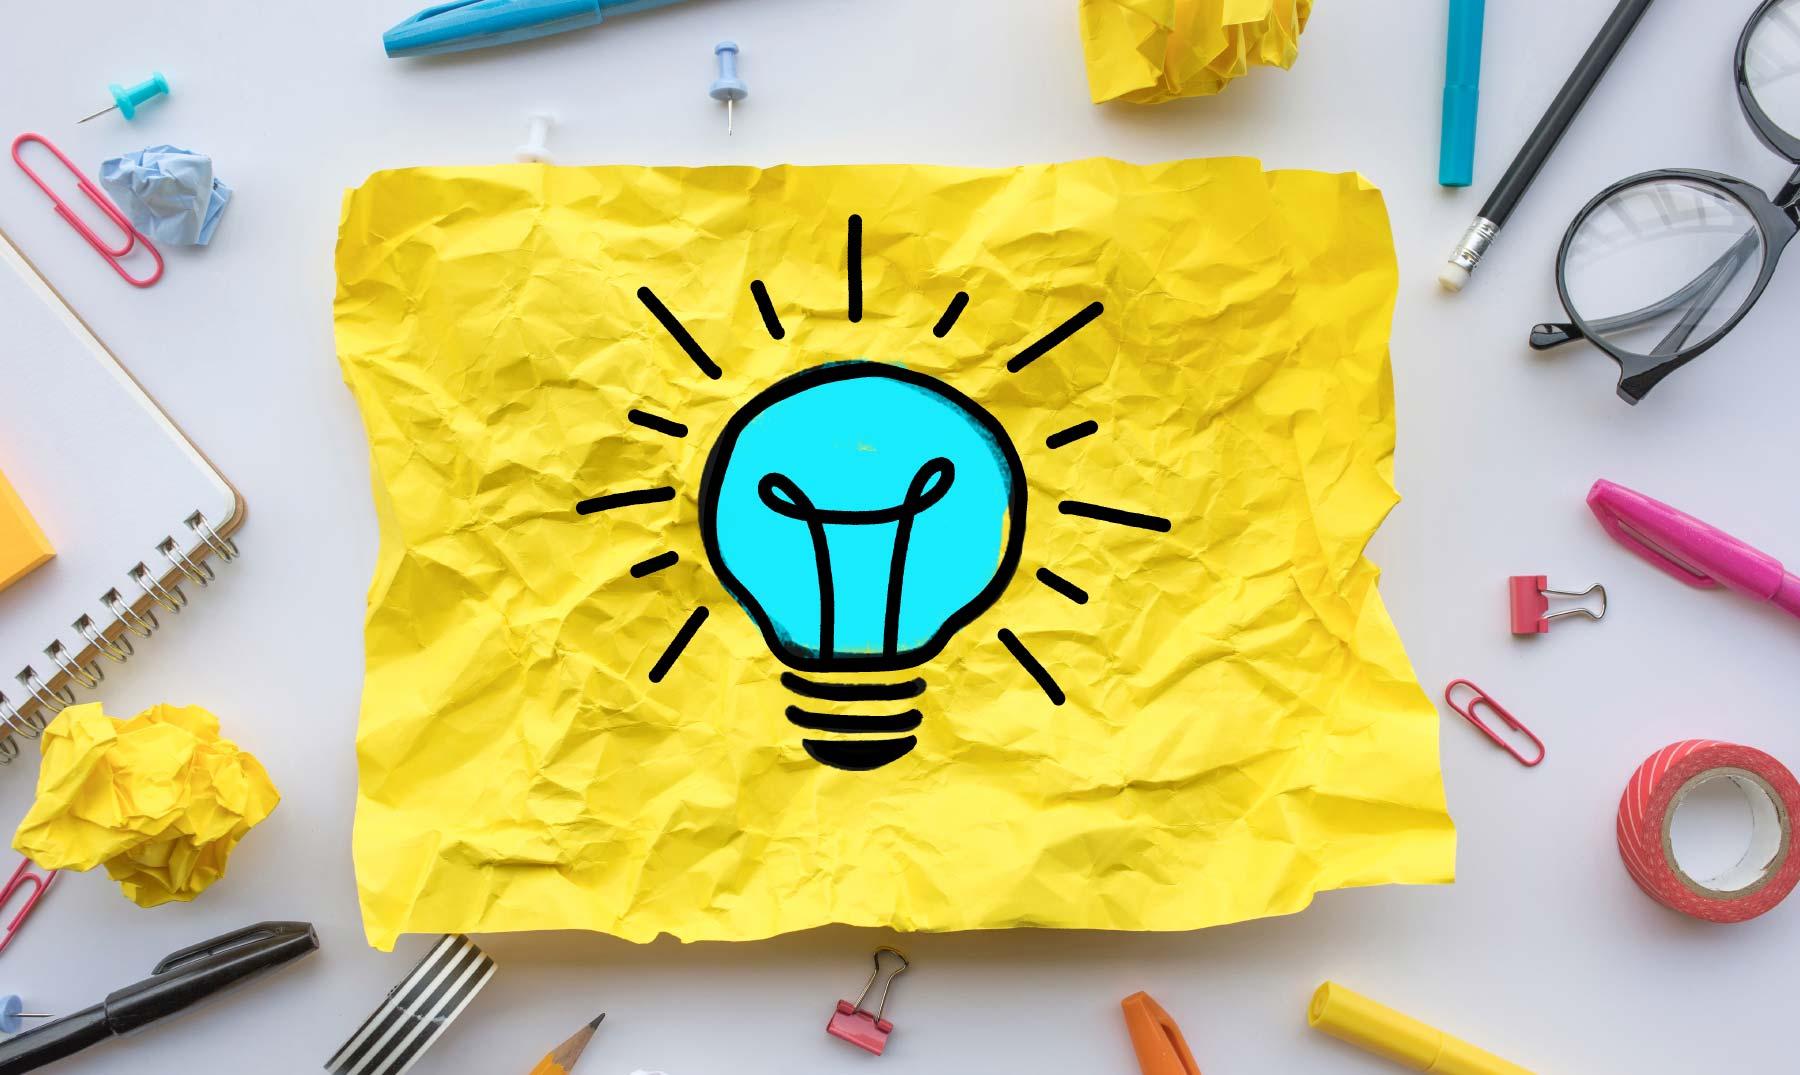 bombillo-simulando-creacion-ideas-de-negocios